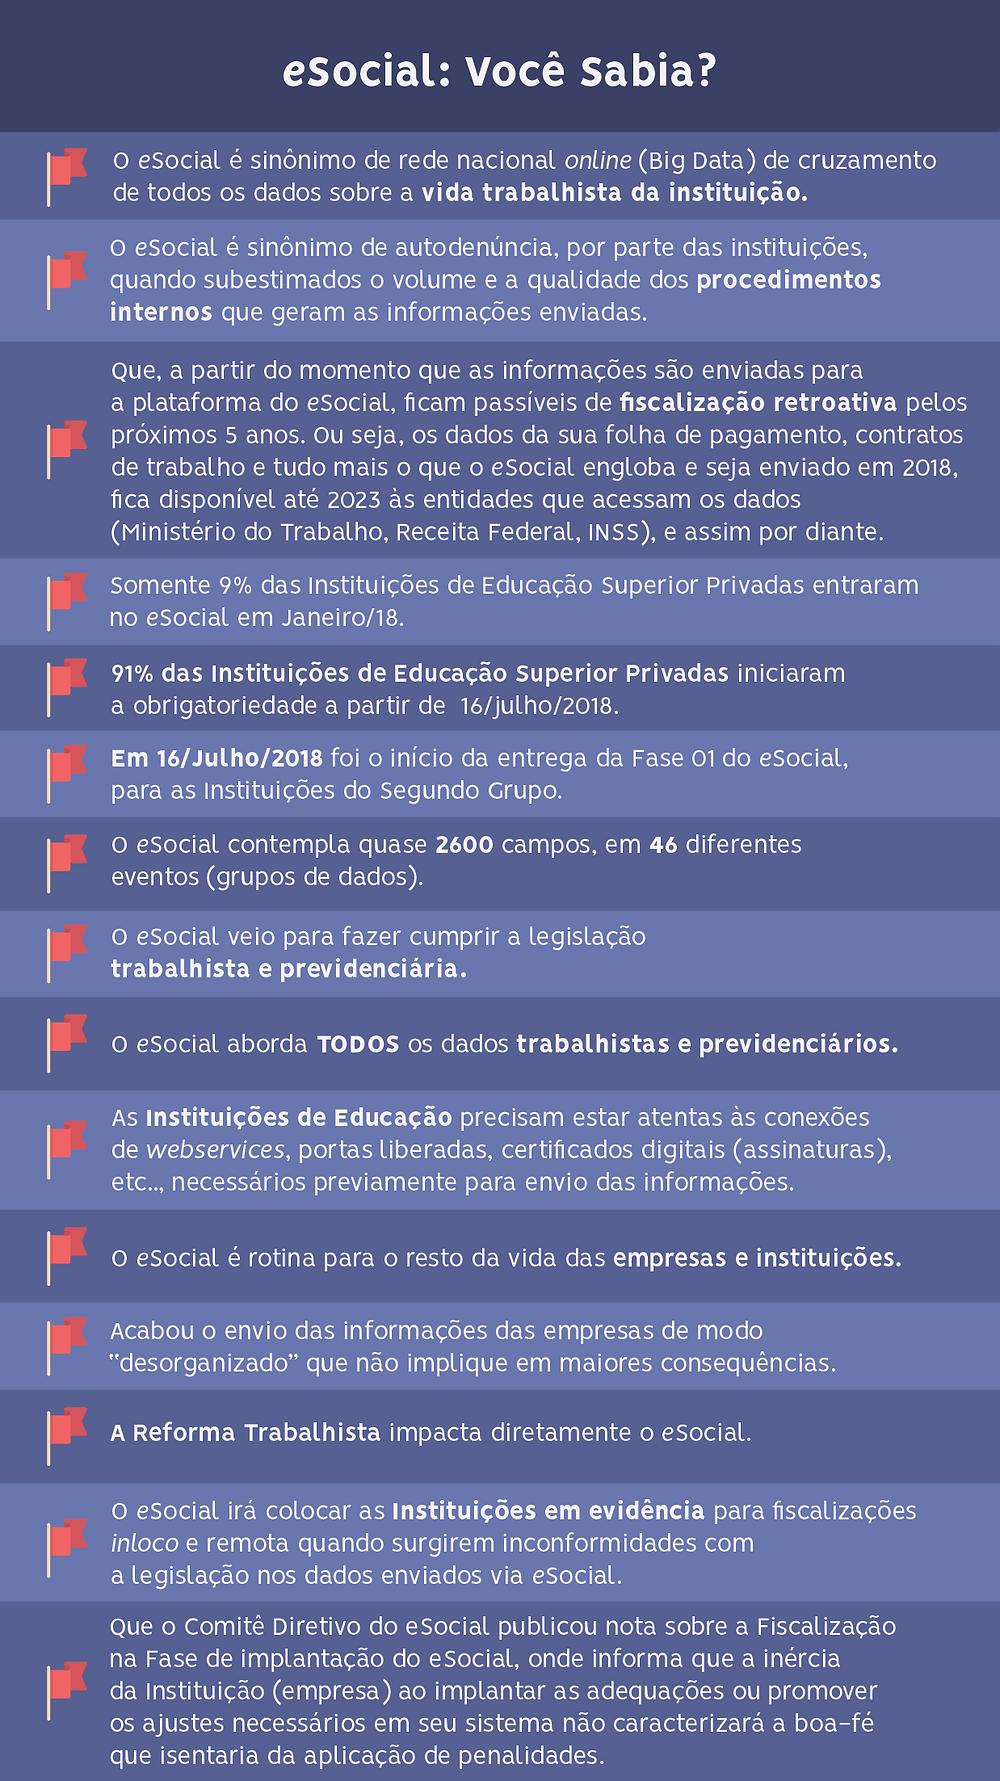 Hoper Educação - 15 fatos relevantes sobre o eSocial